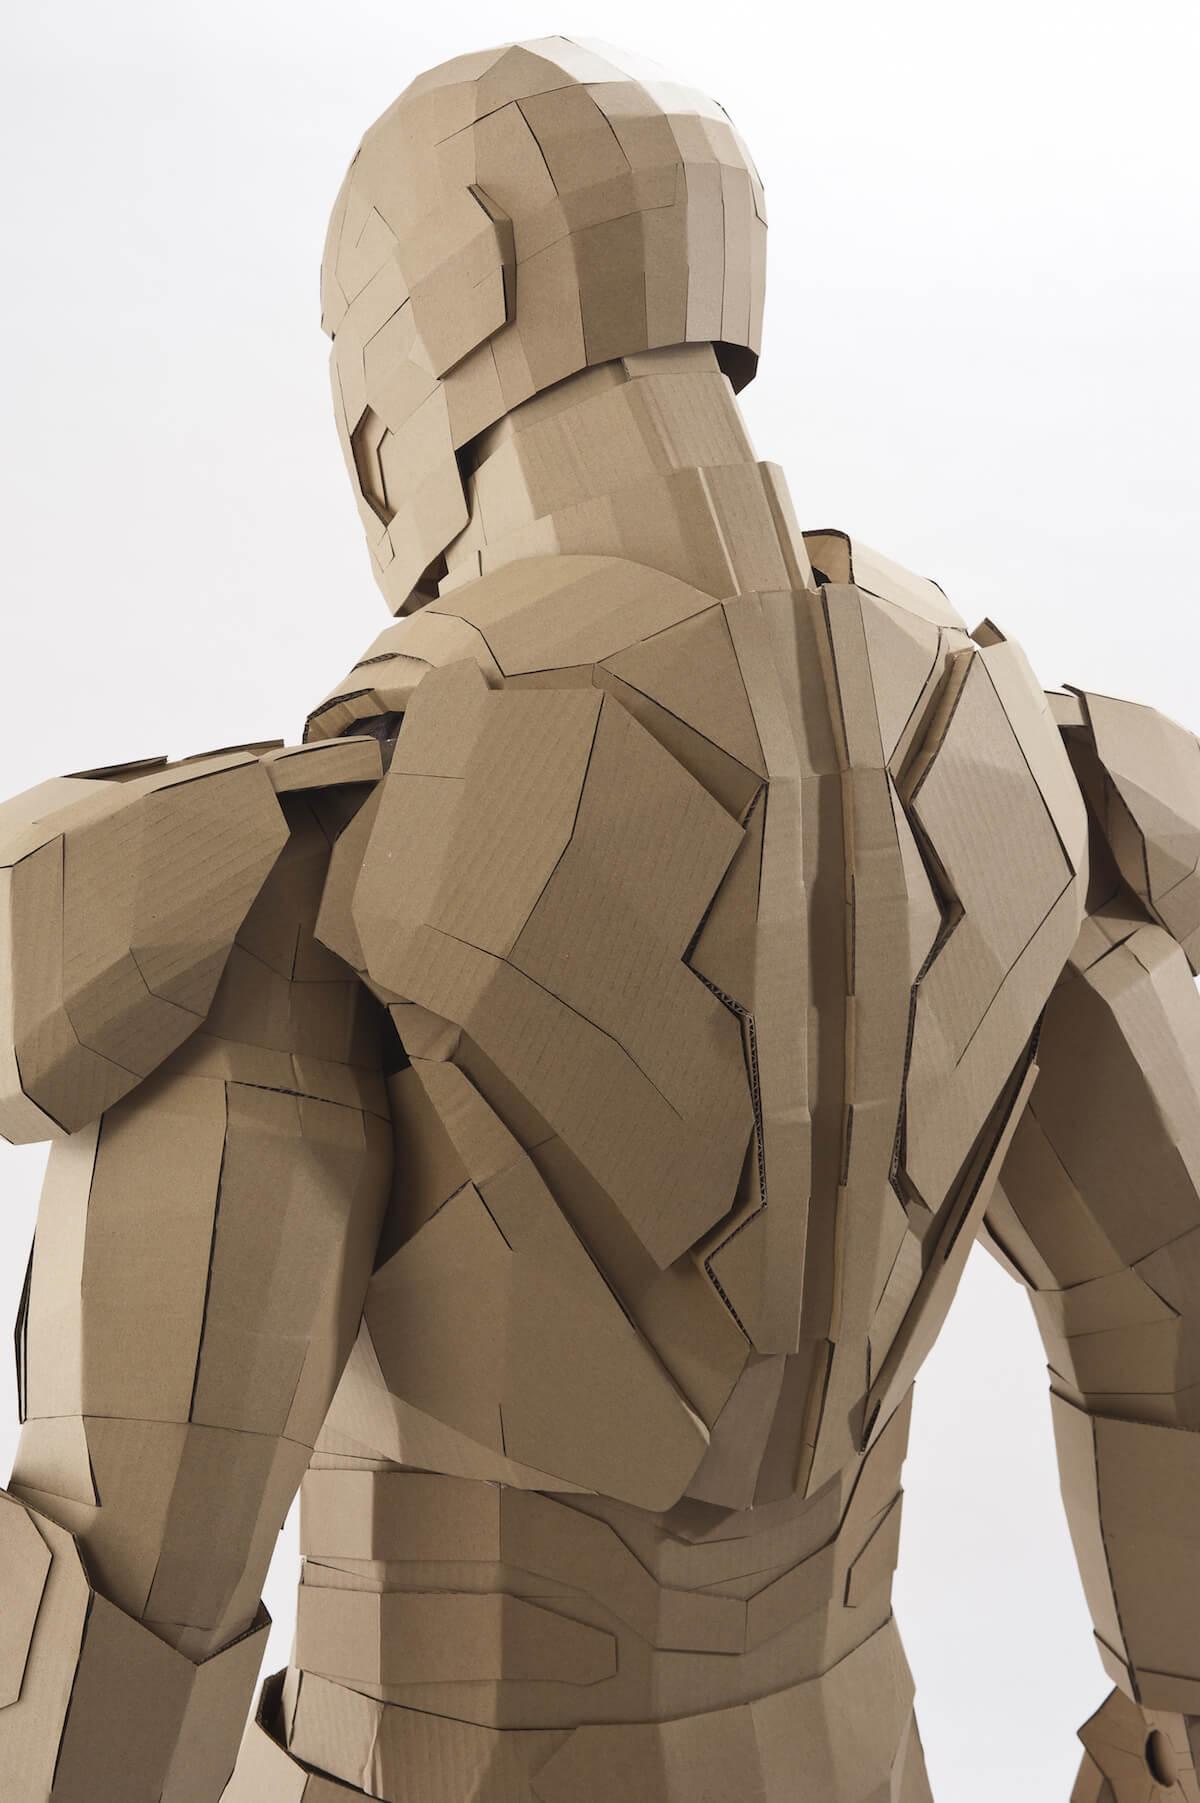 広告写真のプロ「撮影ドットネット」でアイアンマンを撮影してもらいました